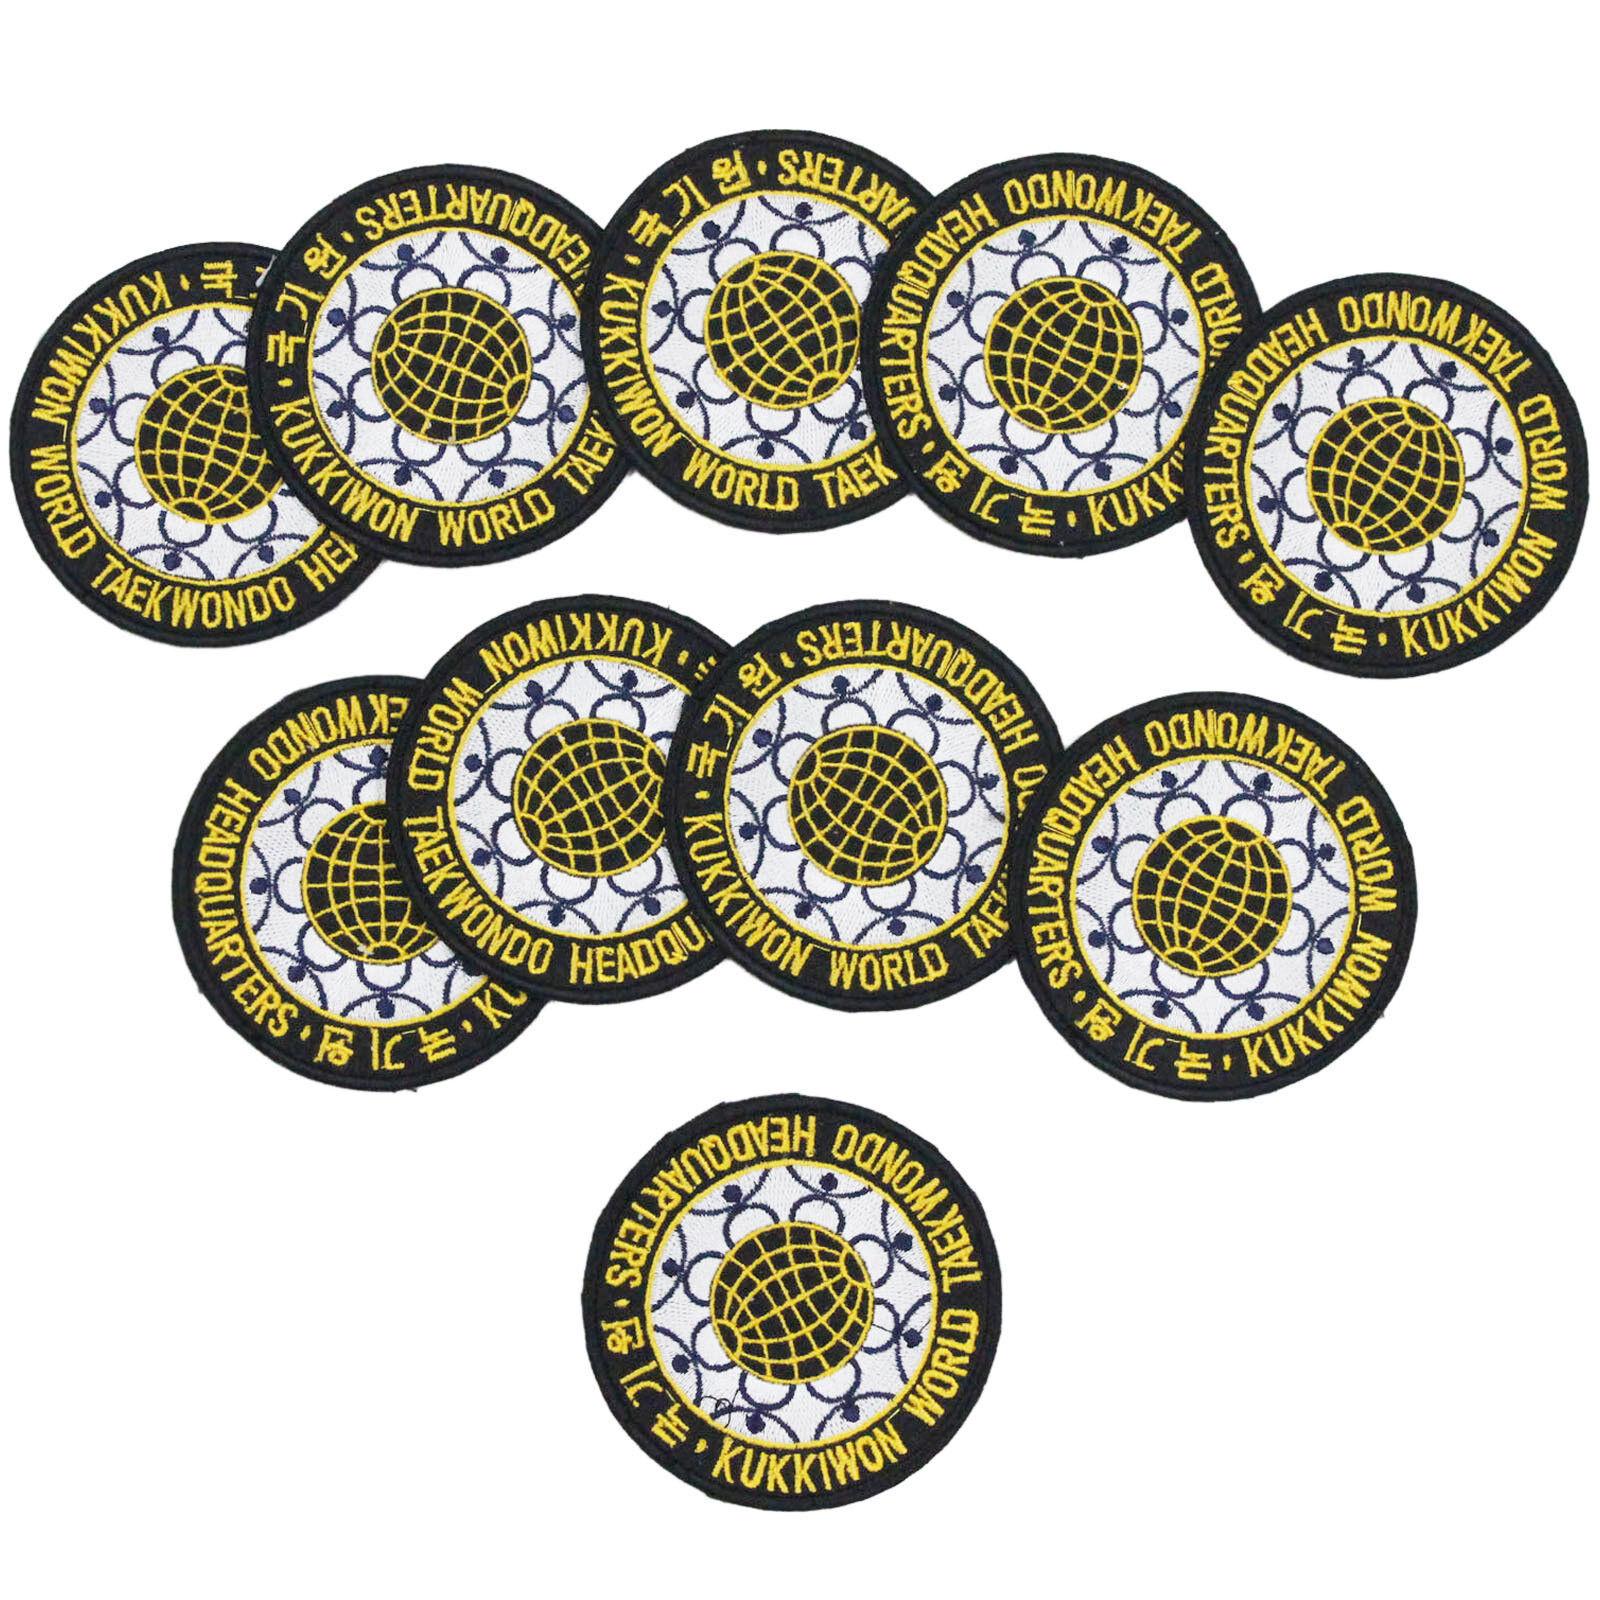 TKD Kukkiwon Badges Patches 10 pcs Set World Taekwondo Headquarter Embroider MMA